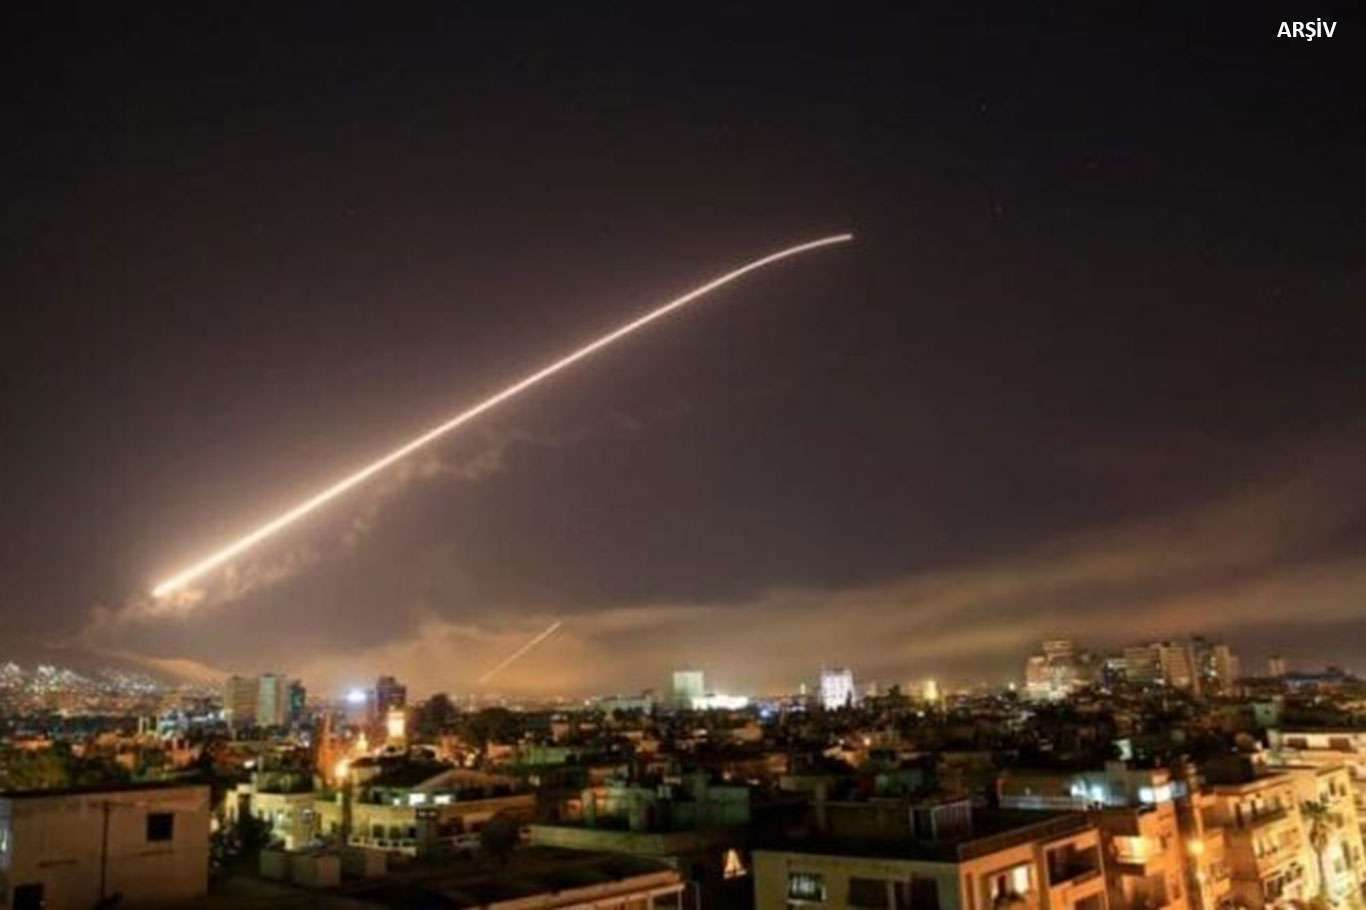 Rejîma îşxalê ya siyonistan êrîşî Şamê kir